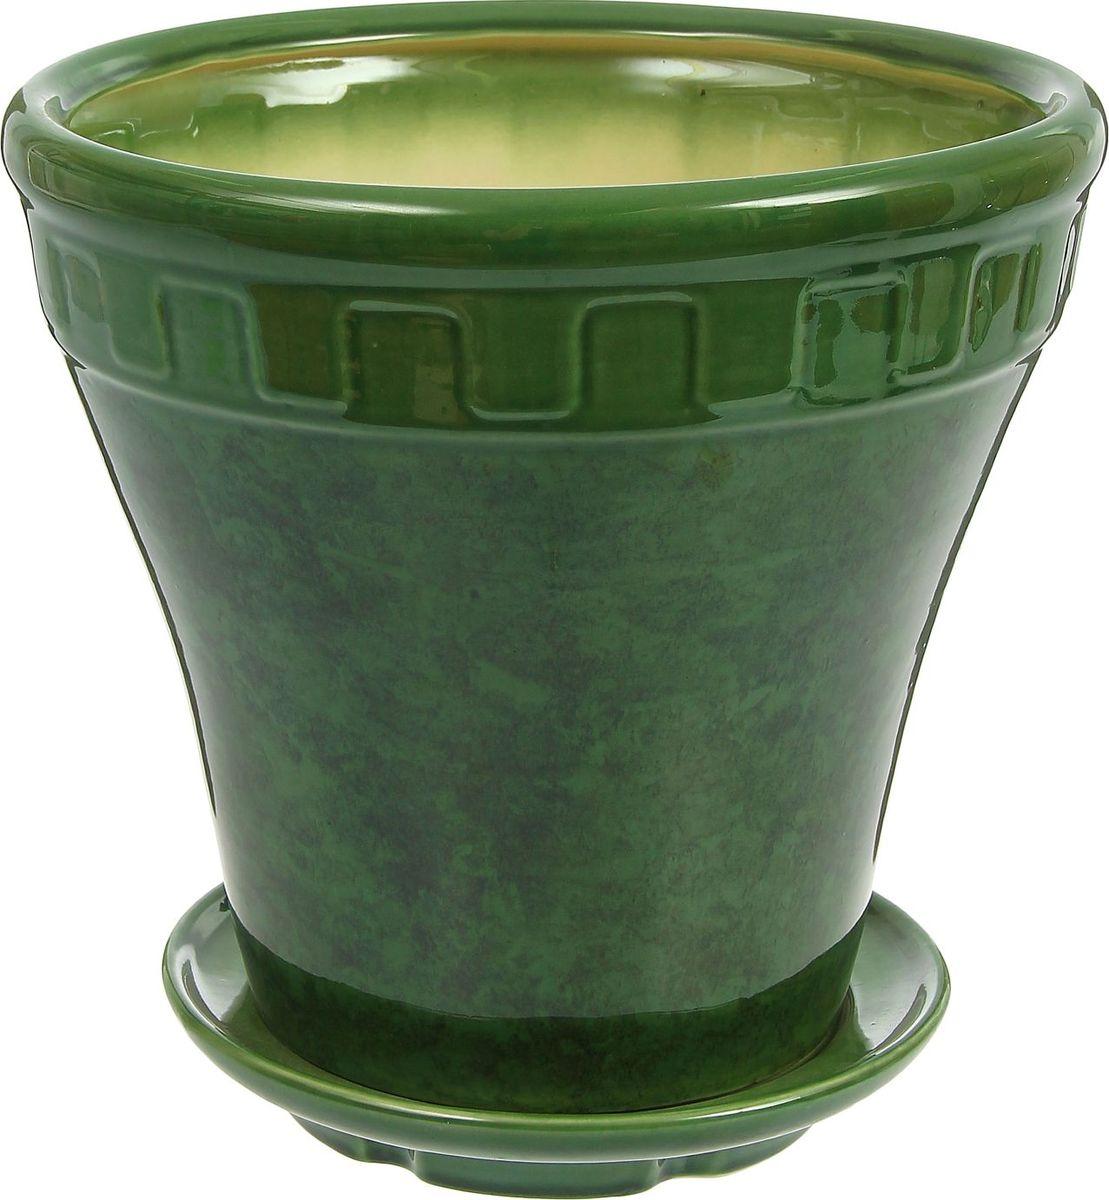 Кашпо Альфа, цвет: зеленый, 13 л1240108Комнатные растения — всеобщие любимцы. Они радуют глаз, насыщают помещение кислородом и украшают пространство. Каждому из них необходим свой удобный и красивый дом. Кашпо из керамики прекрасно подходят для высадки растений: за счёт пластичности глины и разных способов обработки существует великое множество форм и дизайновпористый материал позволяет испаряться лишней влагевоздух, необходимый для дыхания корней, проникает сквозь керамические стенки! #name# позаботится о зелёном питомце, освежит интерьер и подчеркнёт его стиль.